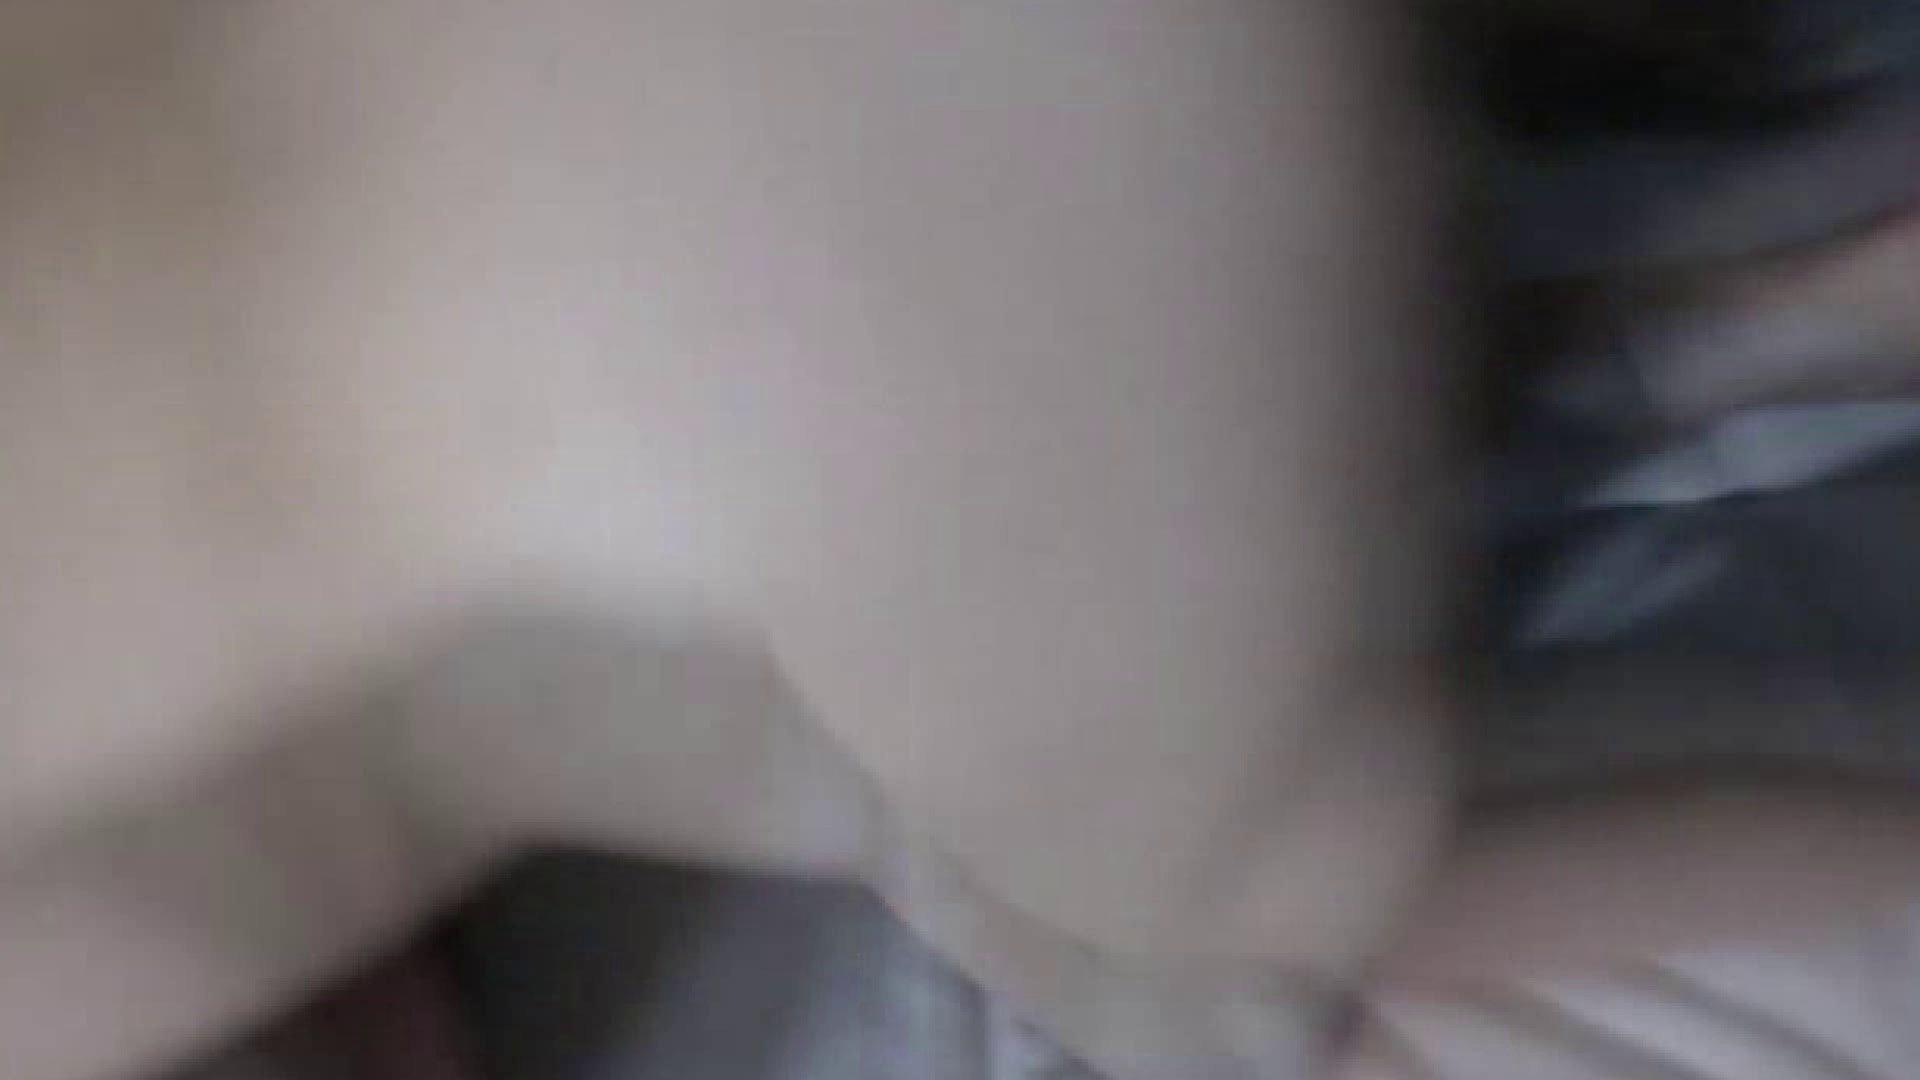 素人ギャル女良のハメ撮り!生チャット!Vol.12前編 エッチすぎる美女 隠し撮りオマンコ動画紹介 94連発 94